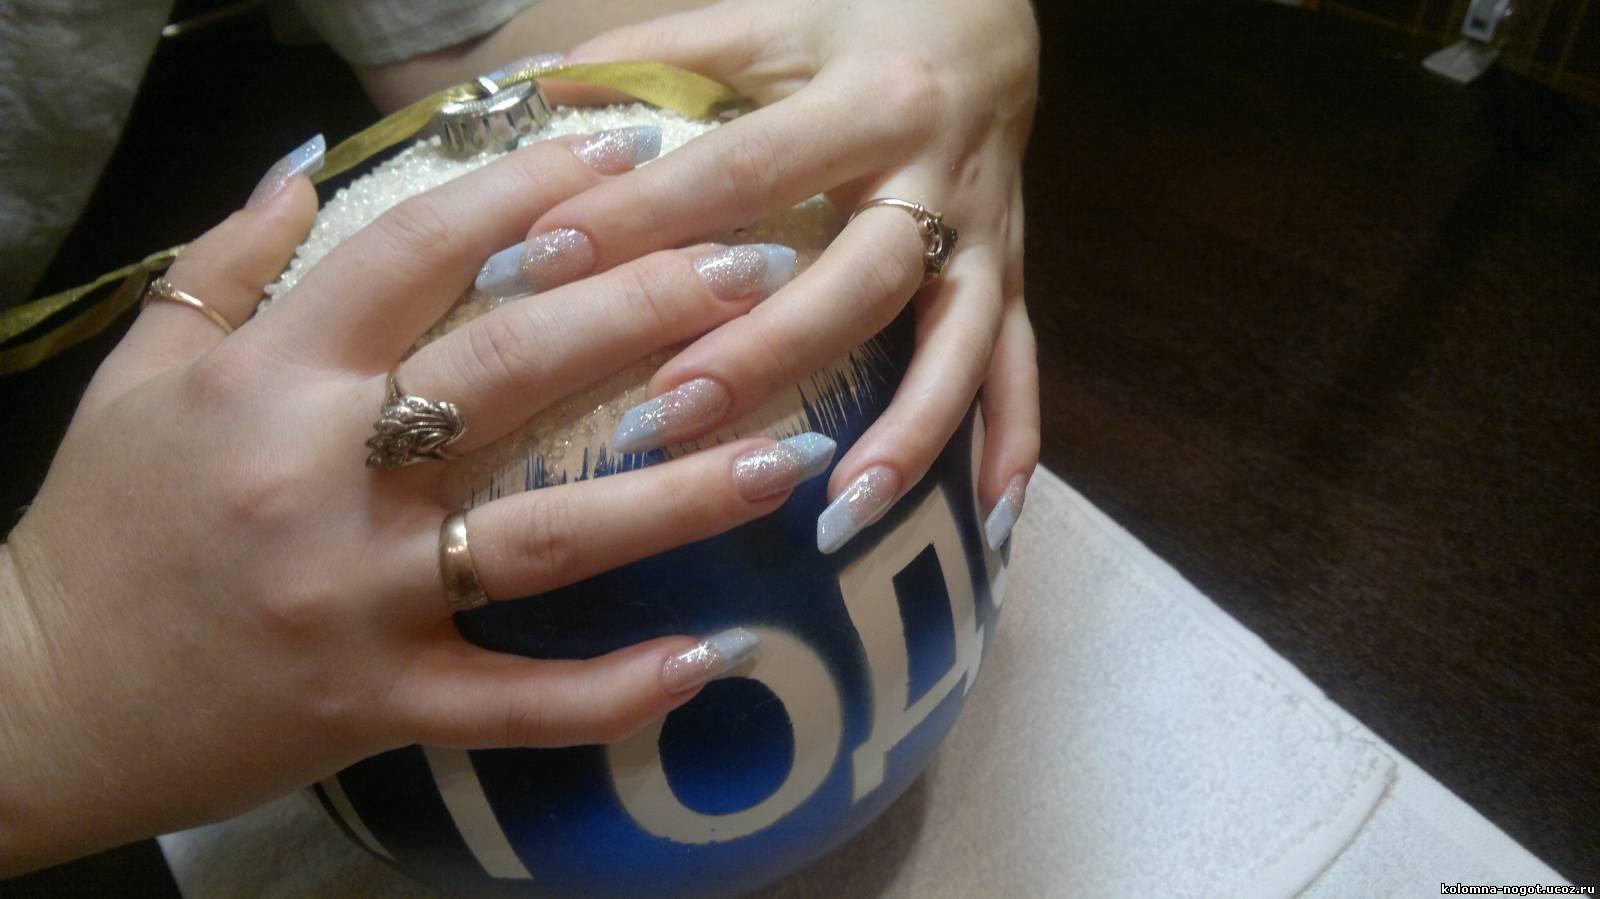 Красивый дизайн ногтей года, фото, идеи дизайна 24